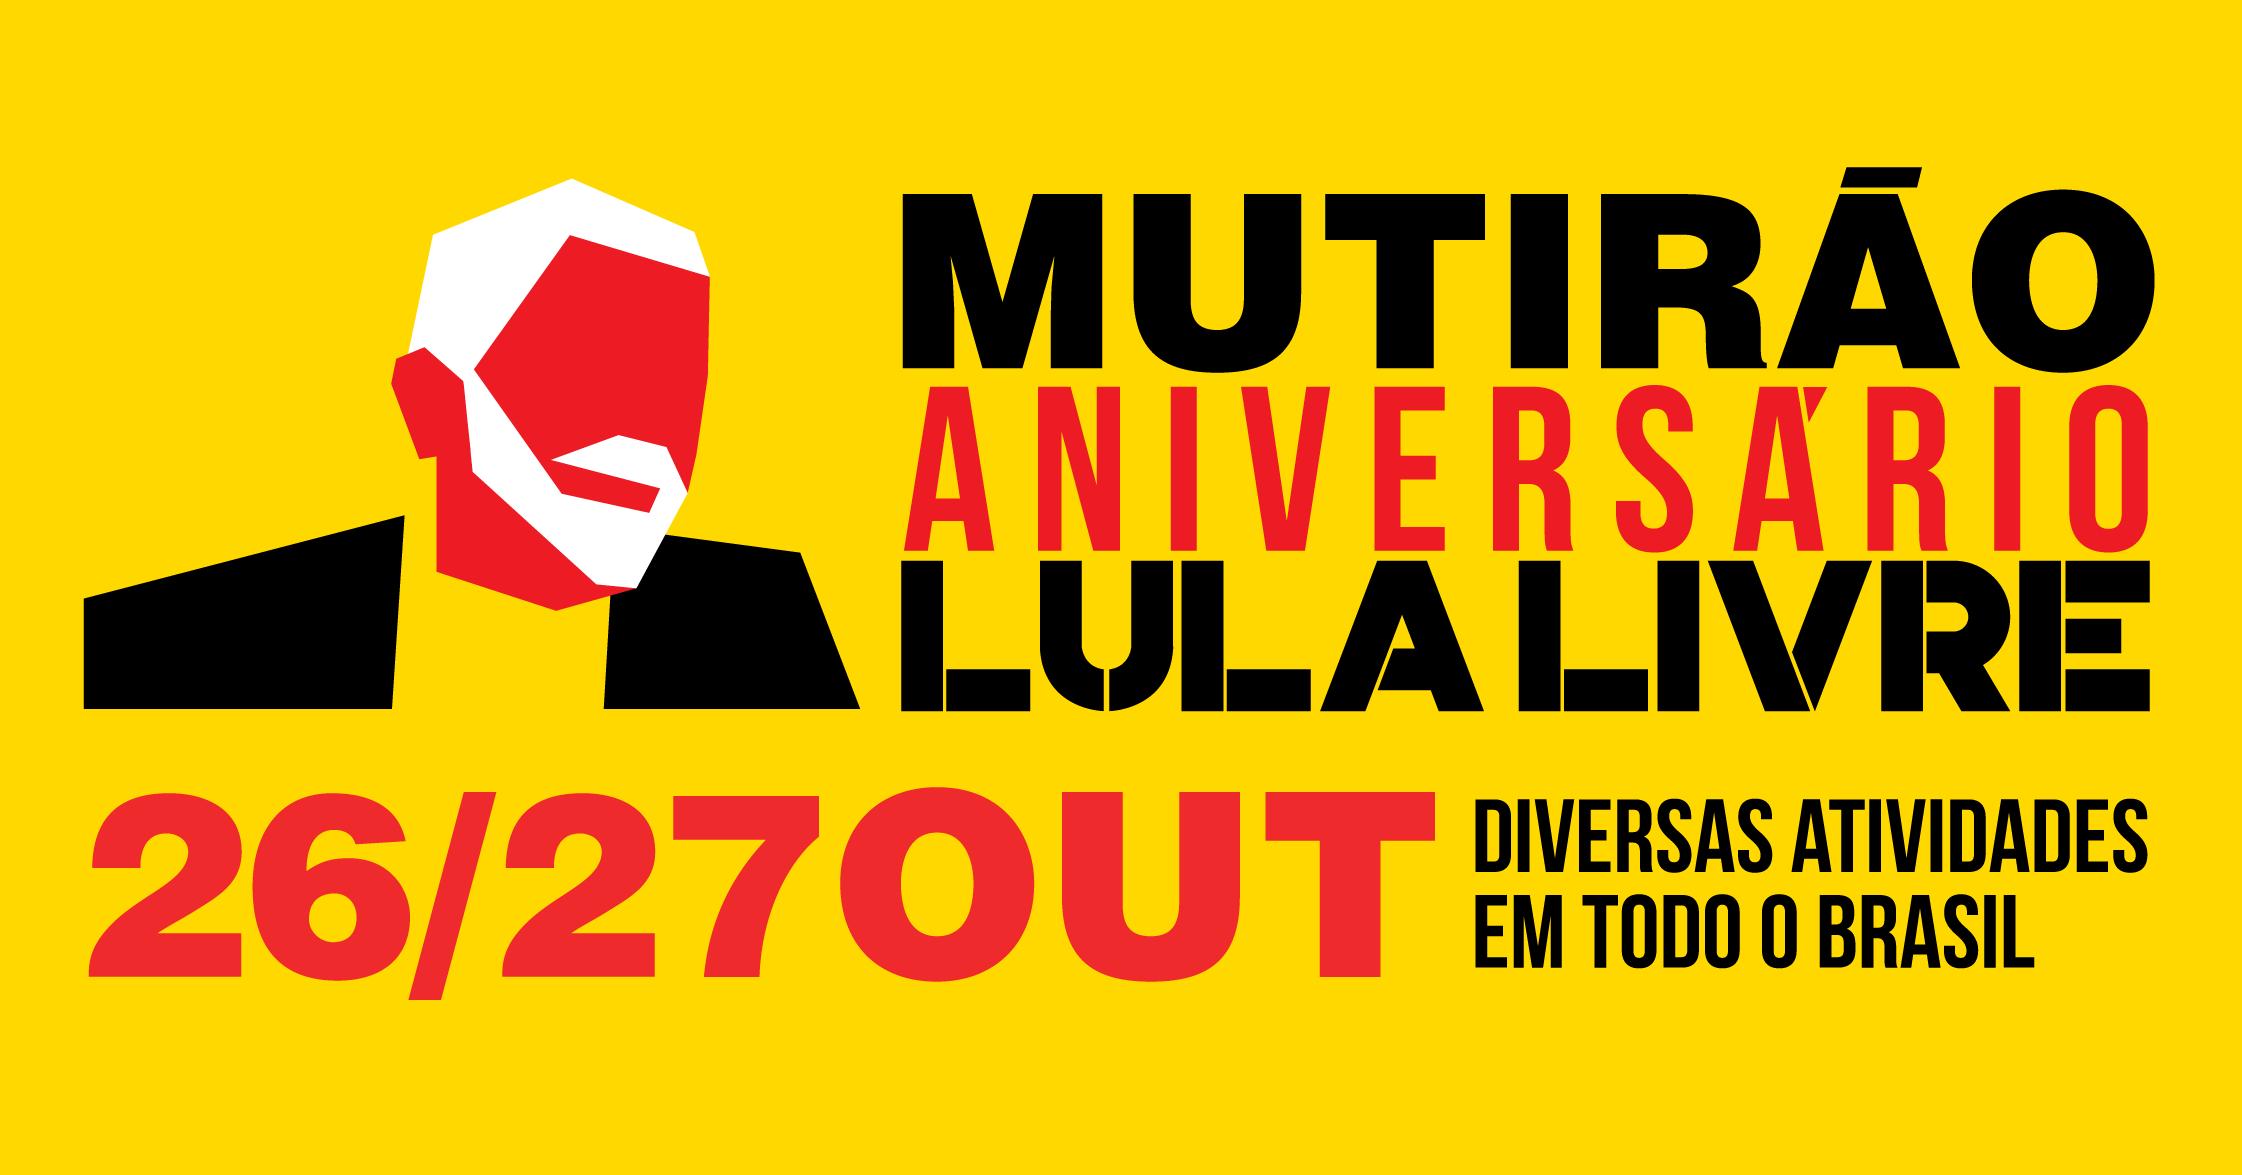 Mutirão Especial Aniversário do Lula: baixe e use os materiais